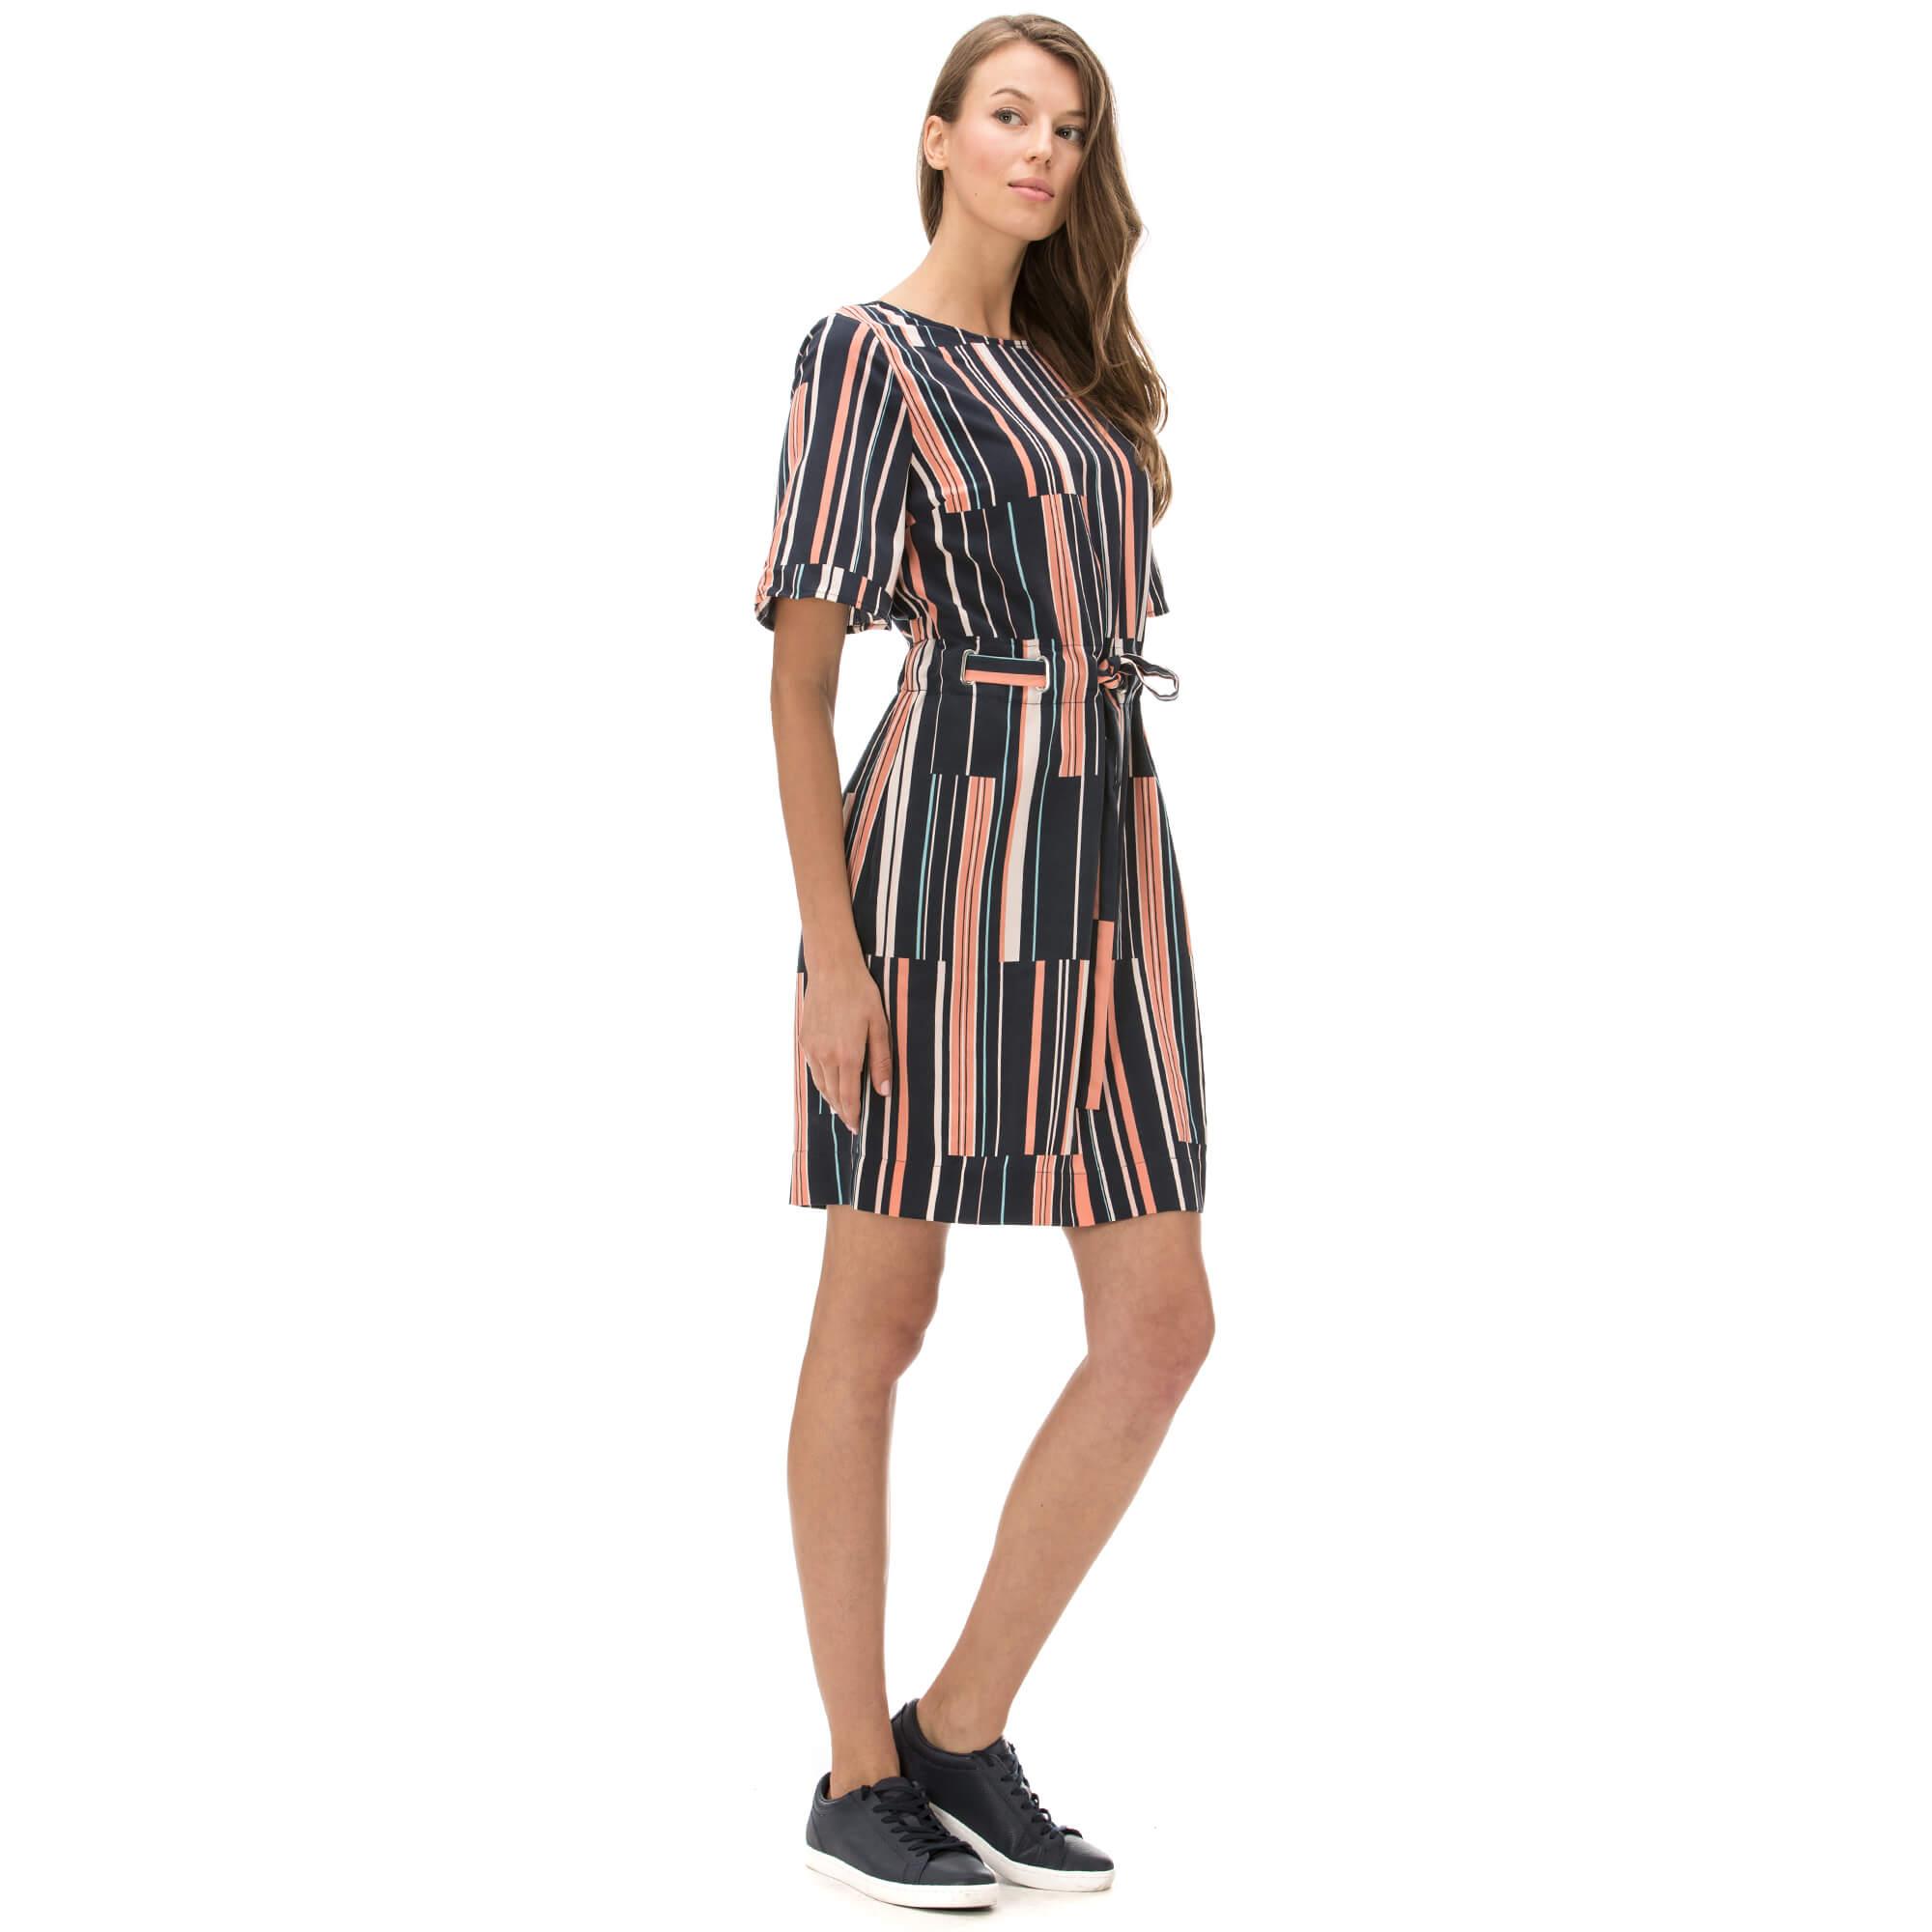 Nautica Kadın Çizgili Lacivert Elbise